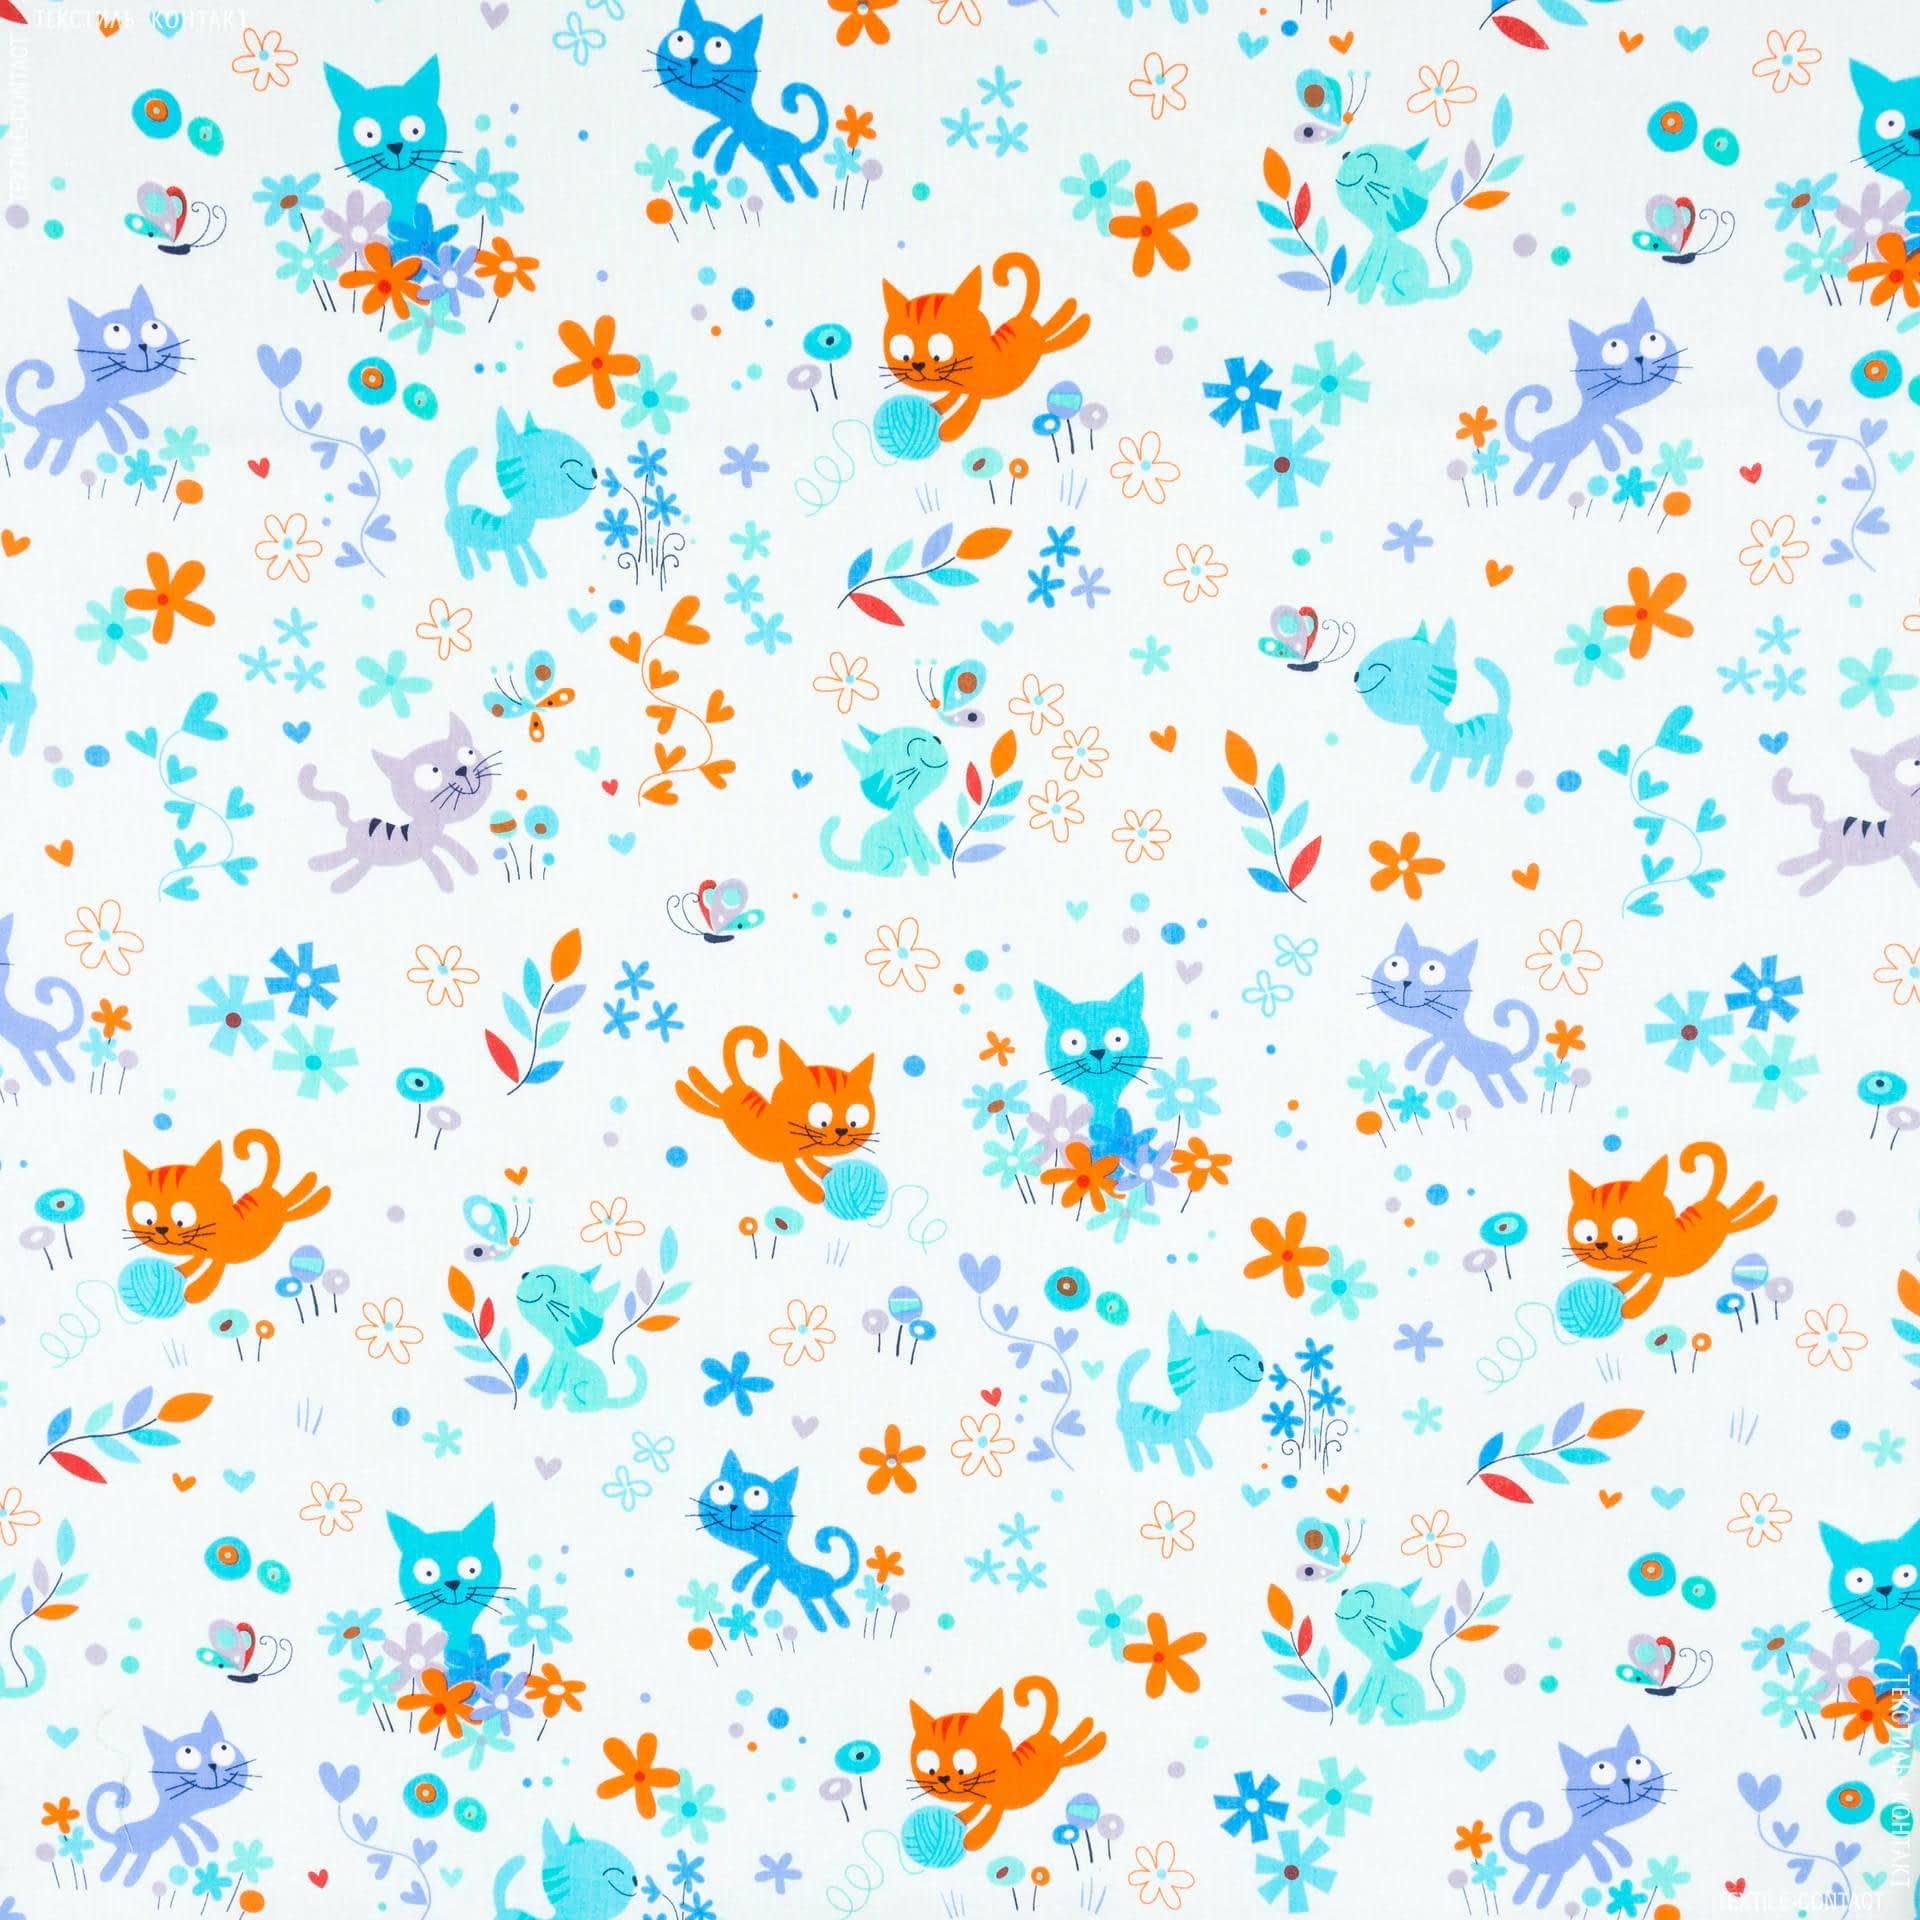 Ткани для детского постельного белья - Бязь набивная детская миледи